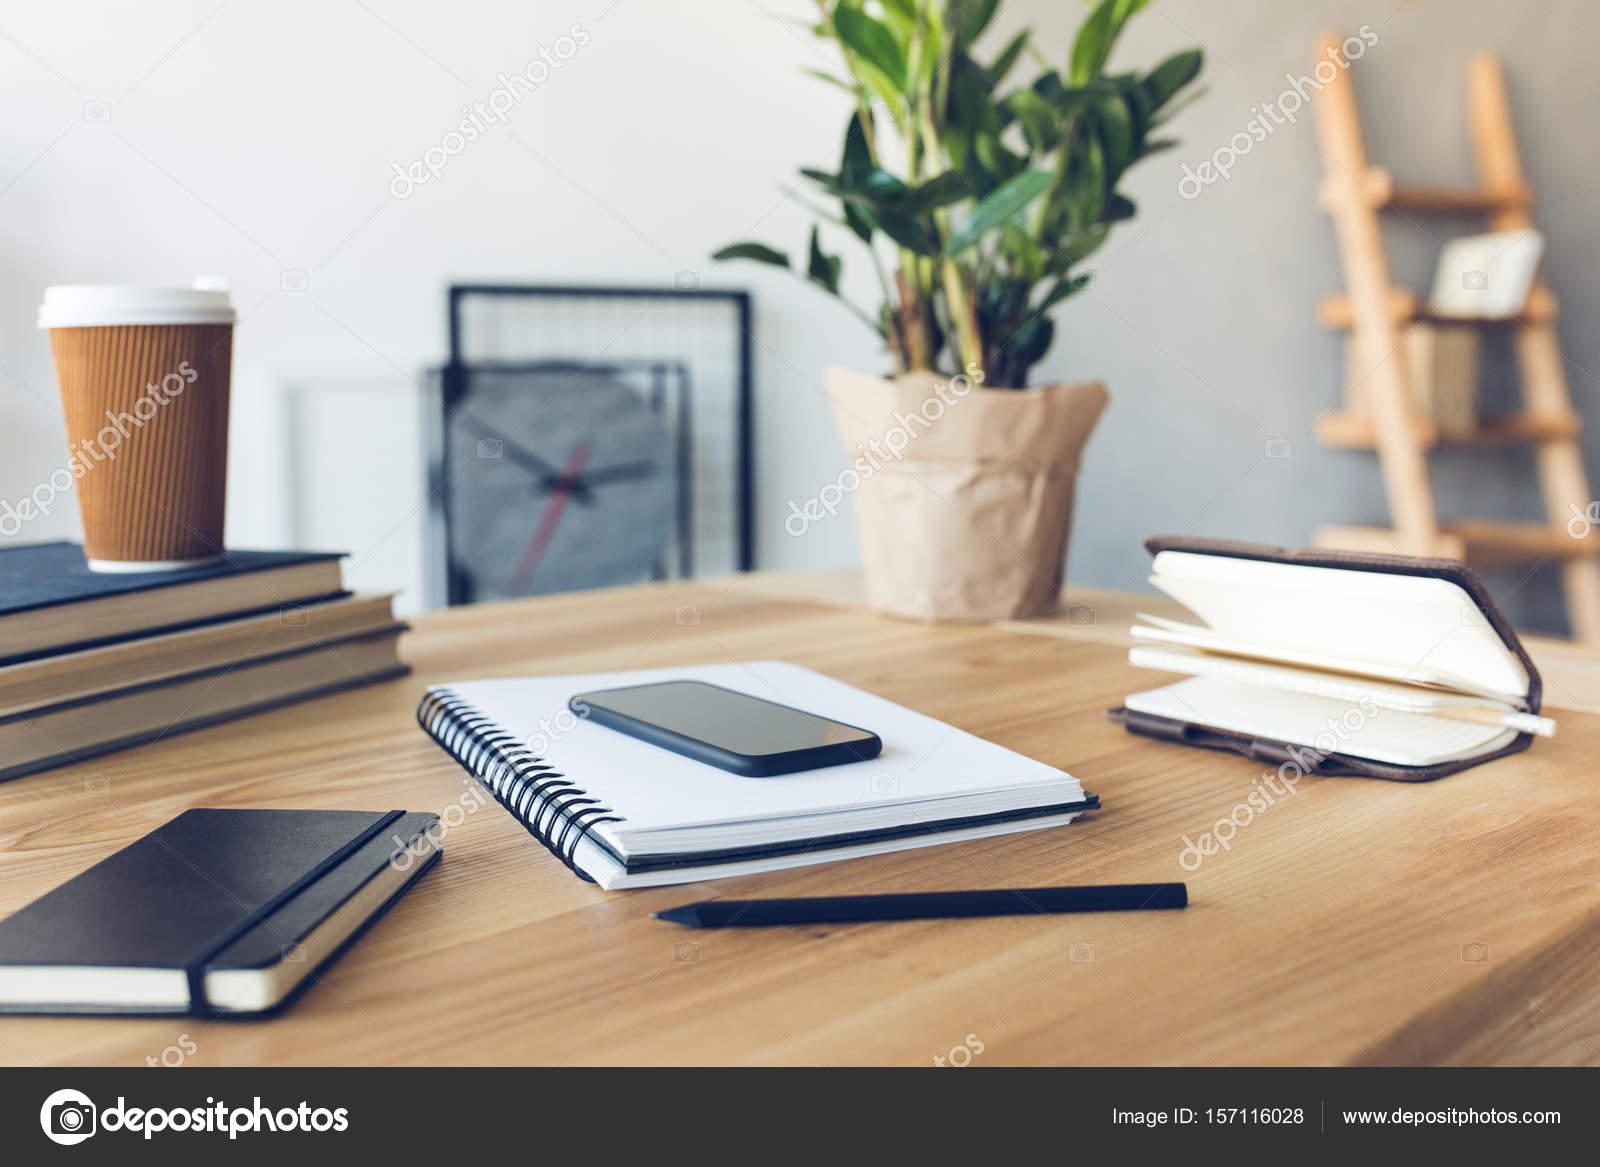 Ontwerp van werkplek in kantoor aan huis met modern materieel